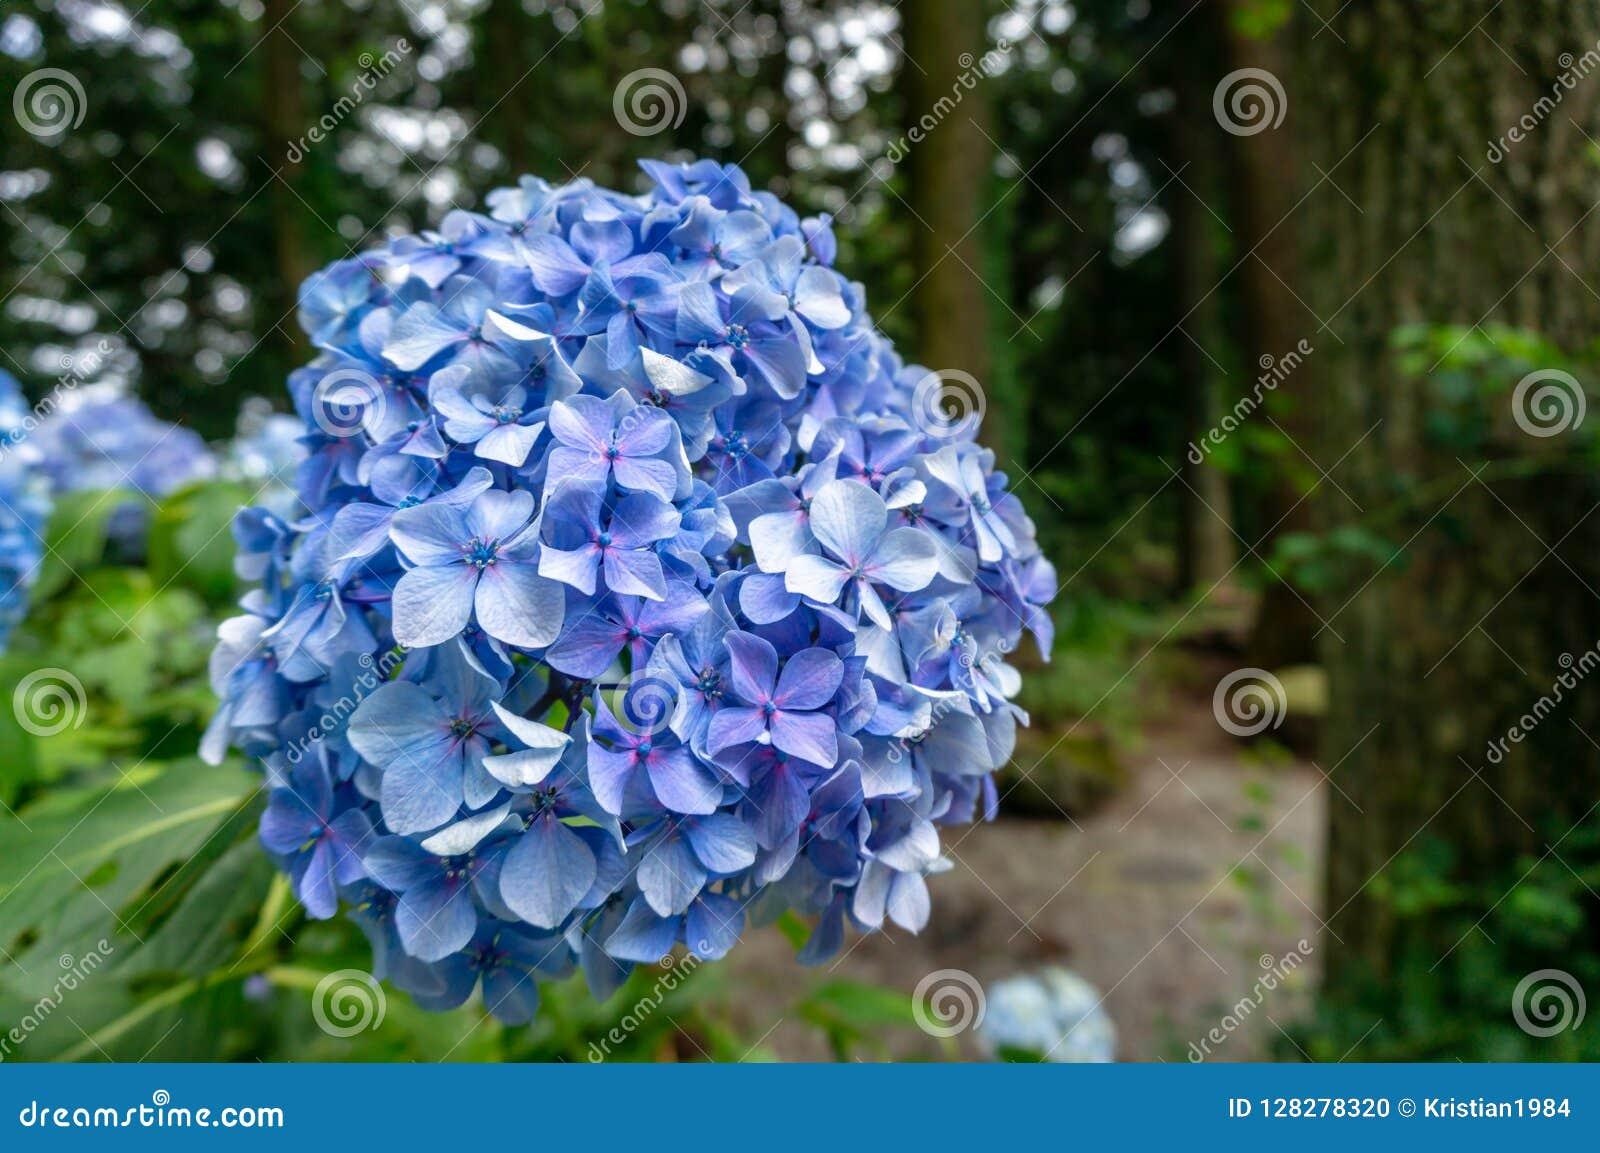 Blaue Hortensie Mit Einem Wald Im Hintergrund Stockfoto Bild Von